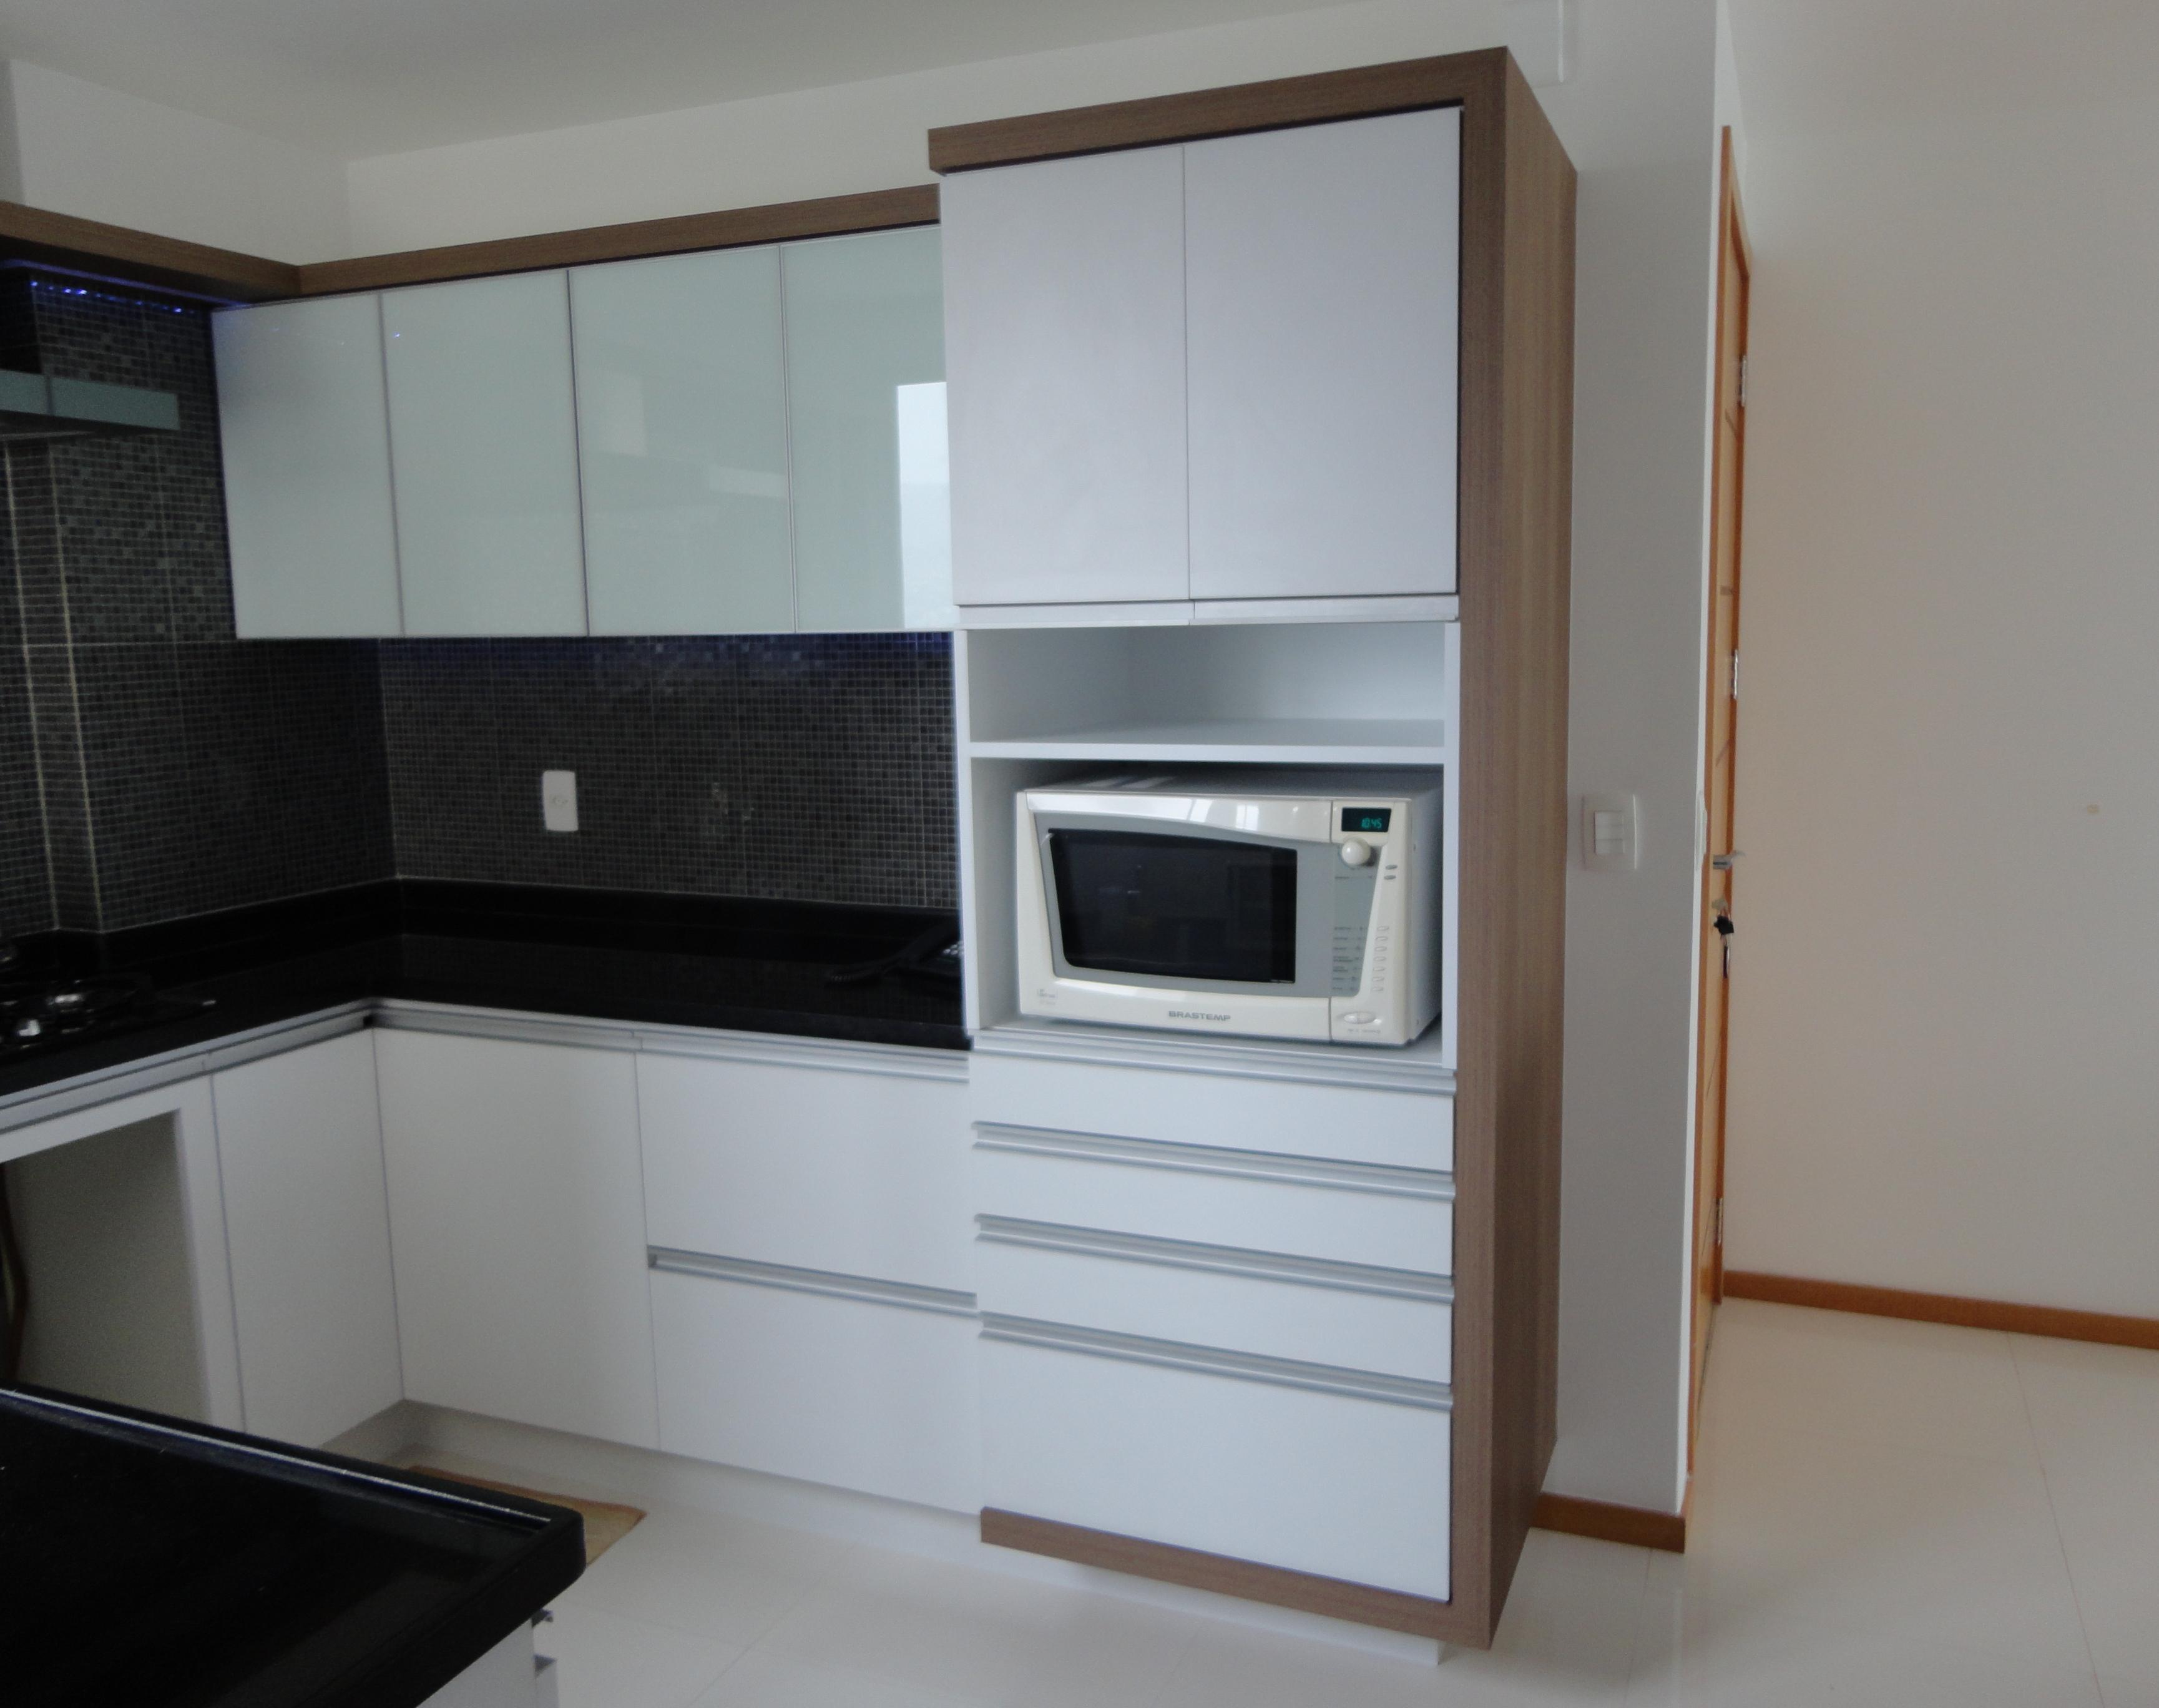 Cozinhas Bruno Carvalho #614A3B 3459x2736 Banheiro Com Pastilhas Amarelas